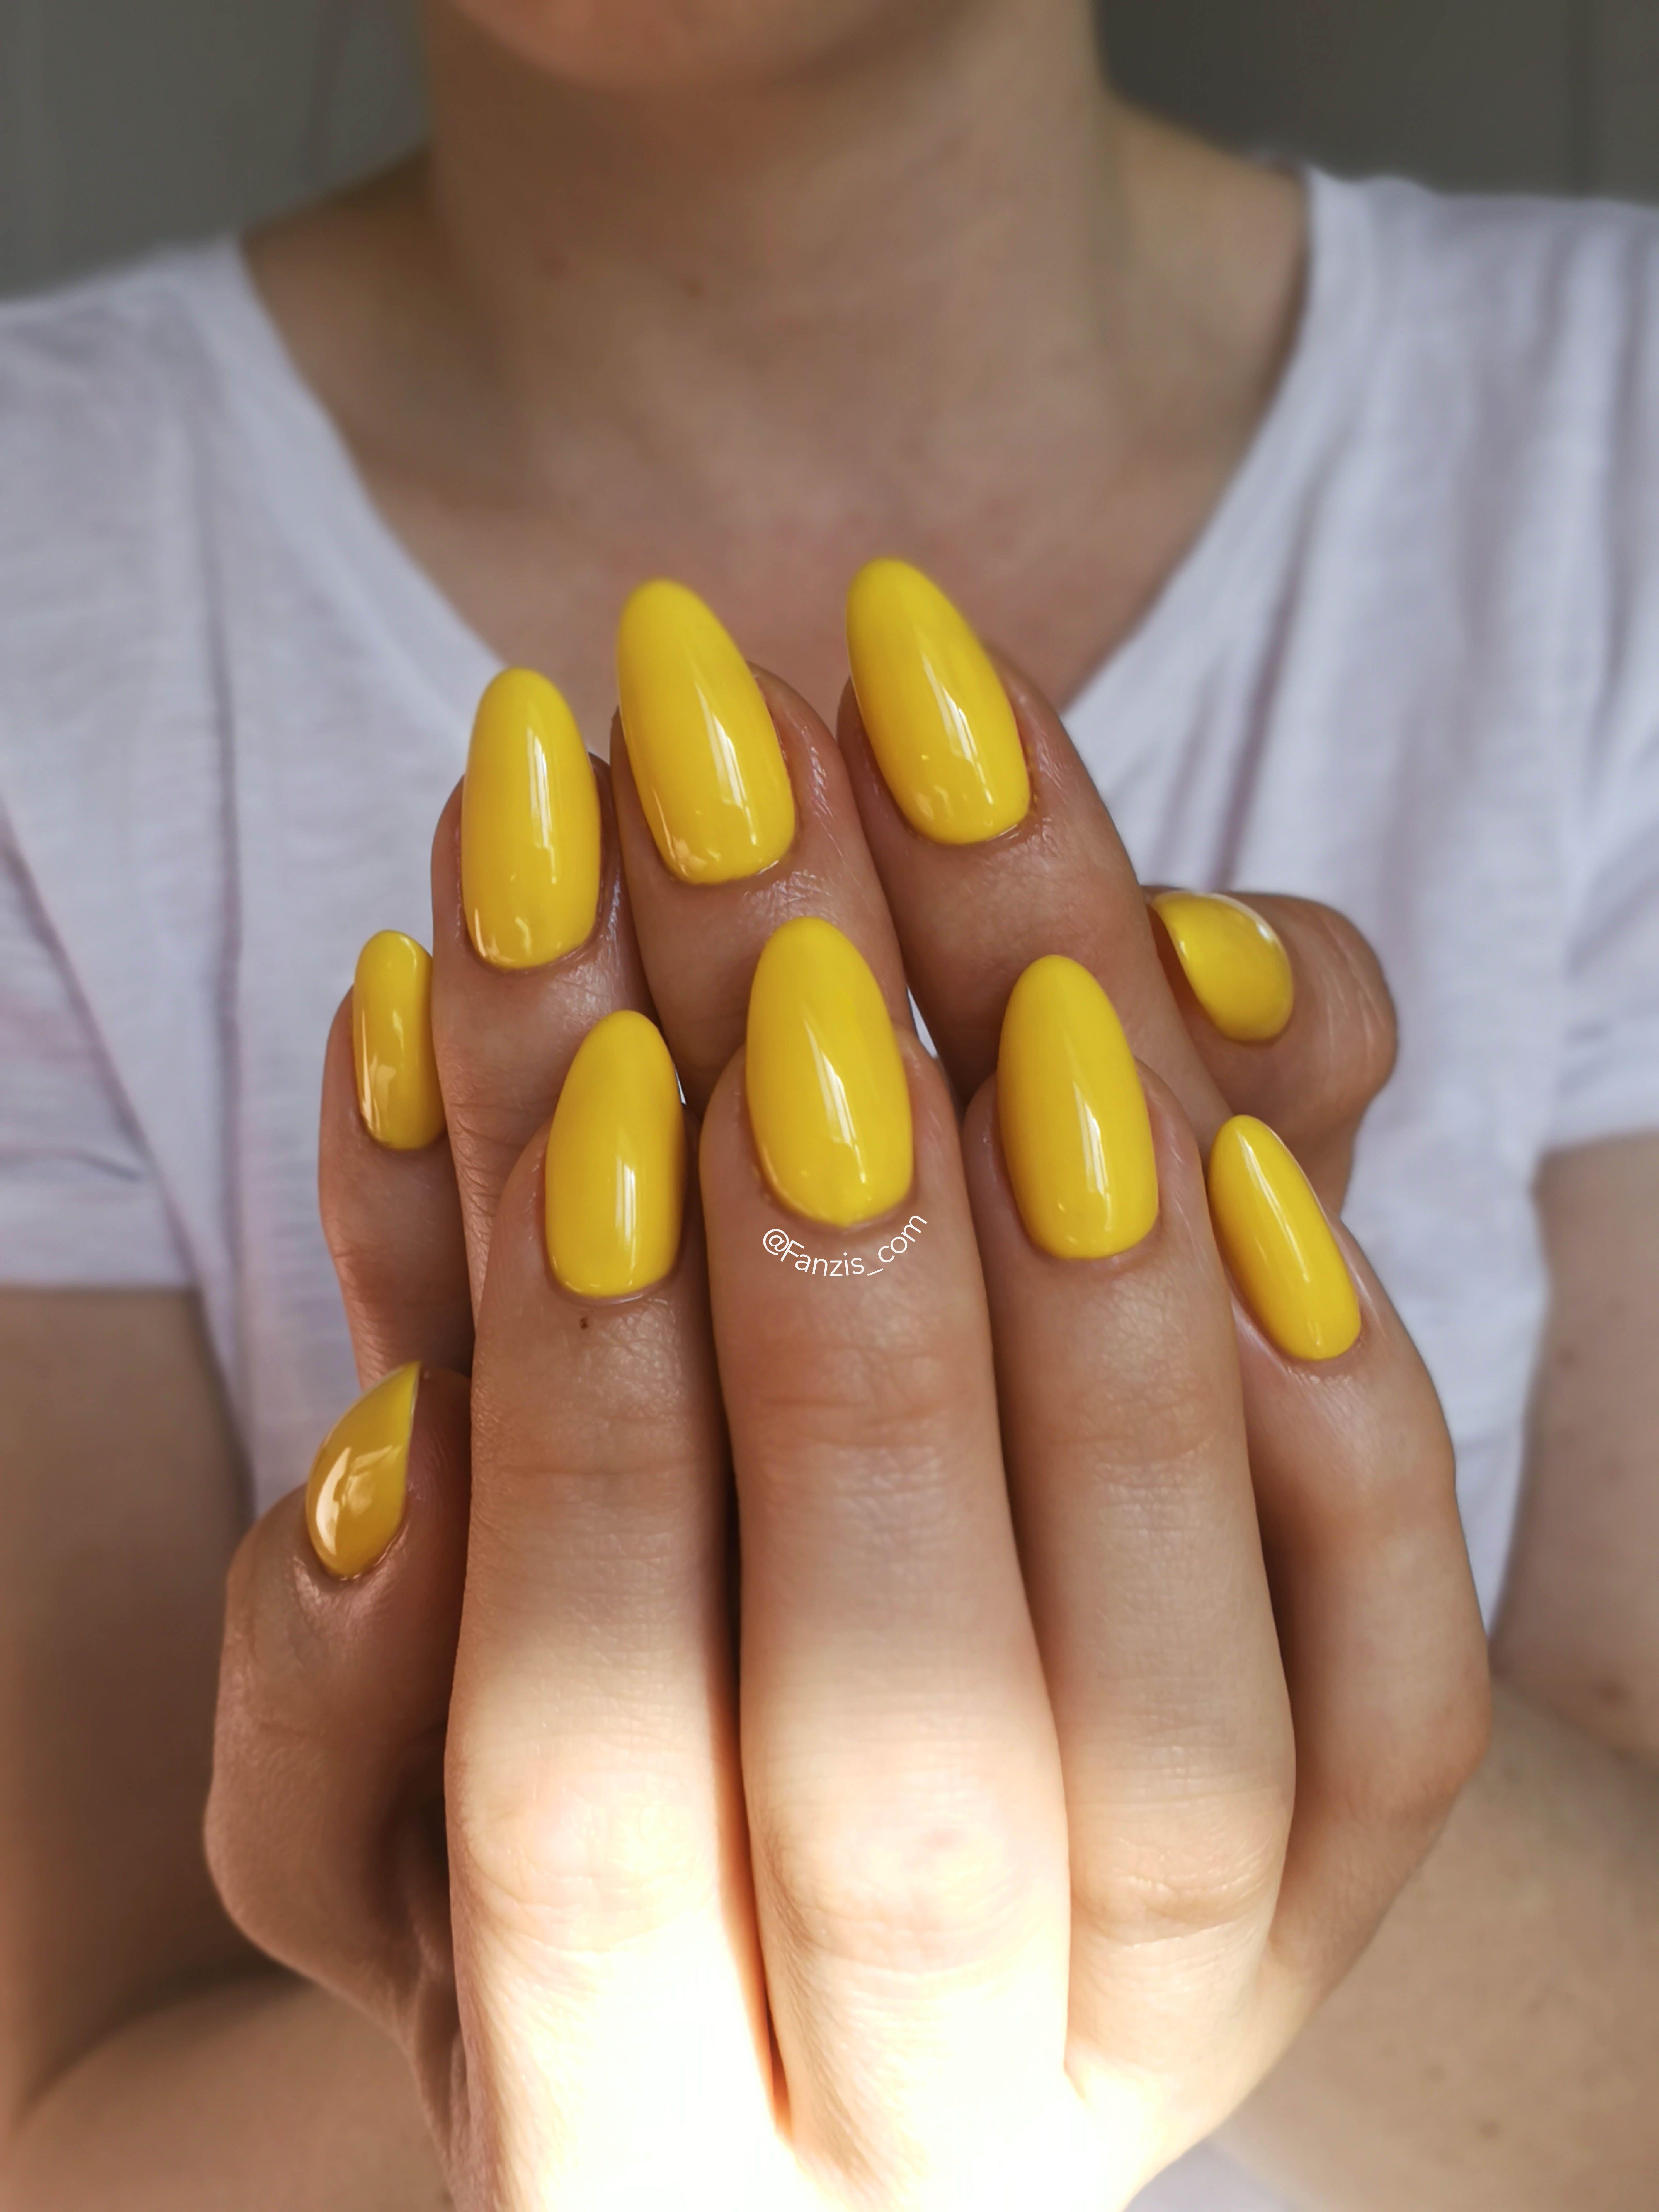 Bright Mustard Yellow Gelpolish Nails Halo From Madam Glam Yellow Nails Design Yellow Nails Glam Nails